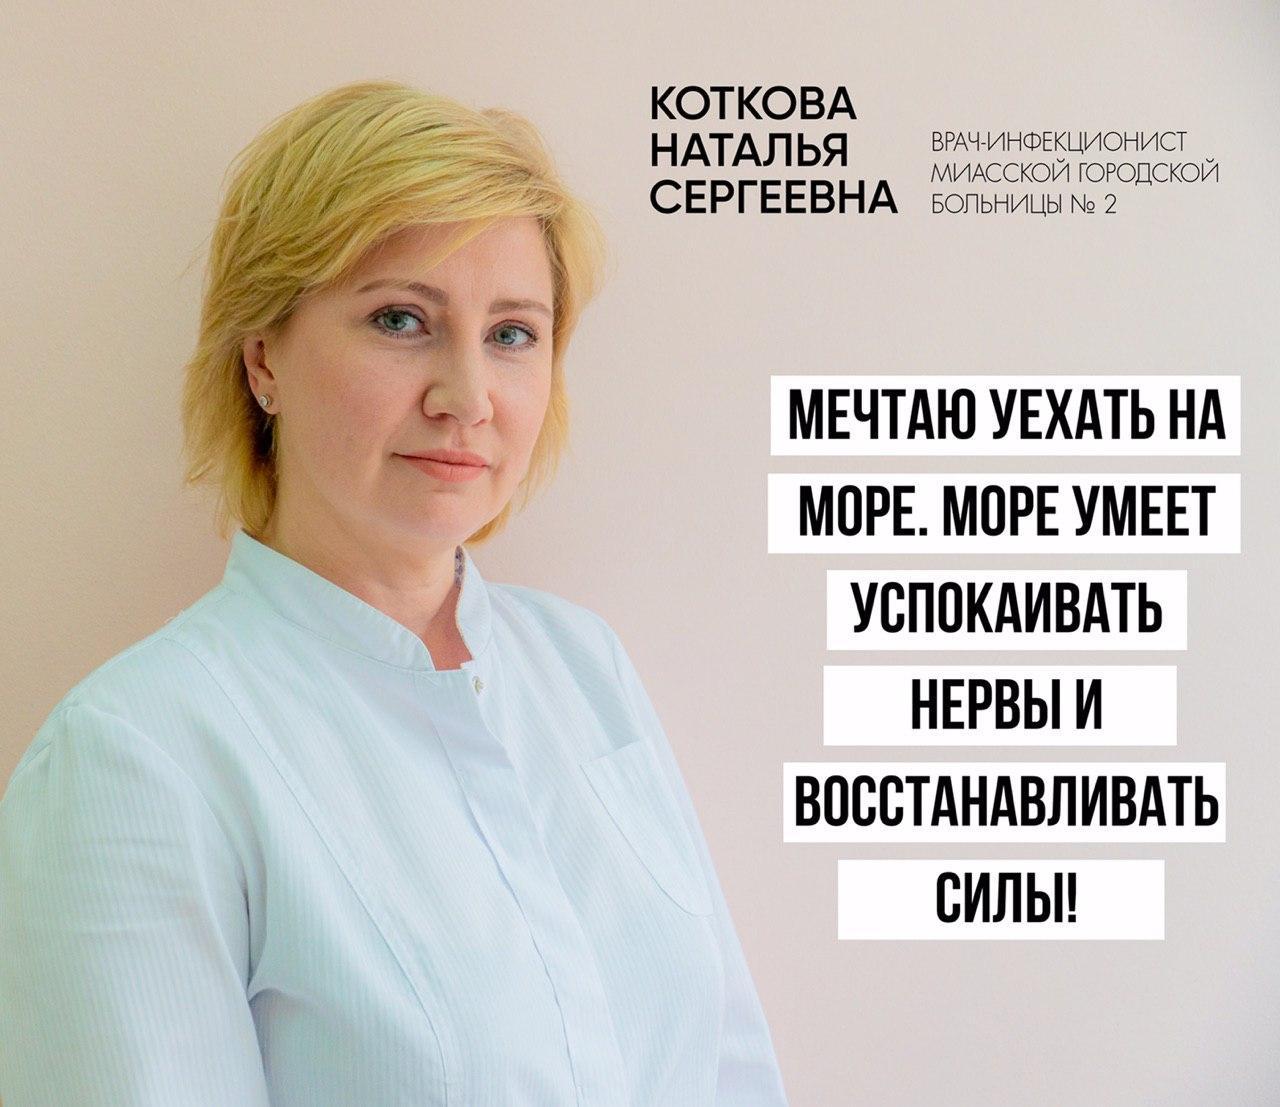 Полностью согласны с Натальей Котковой